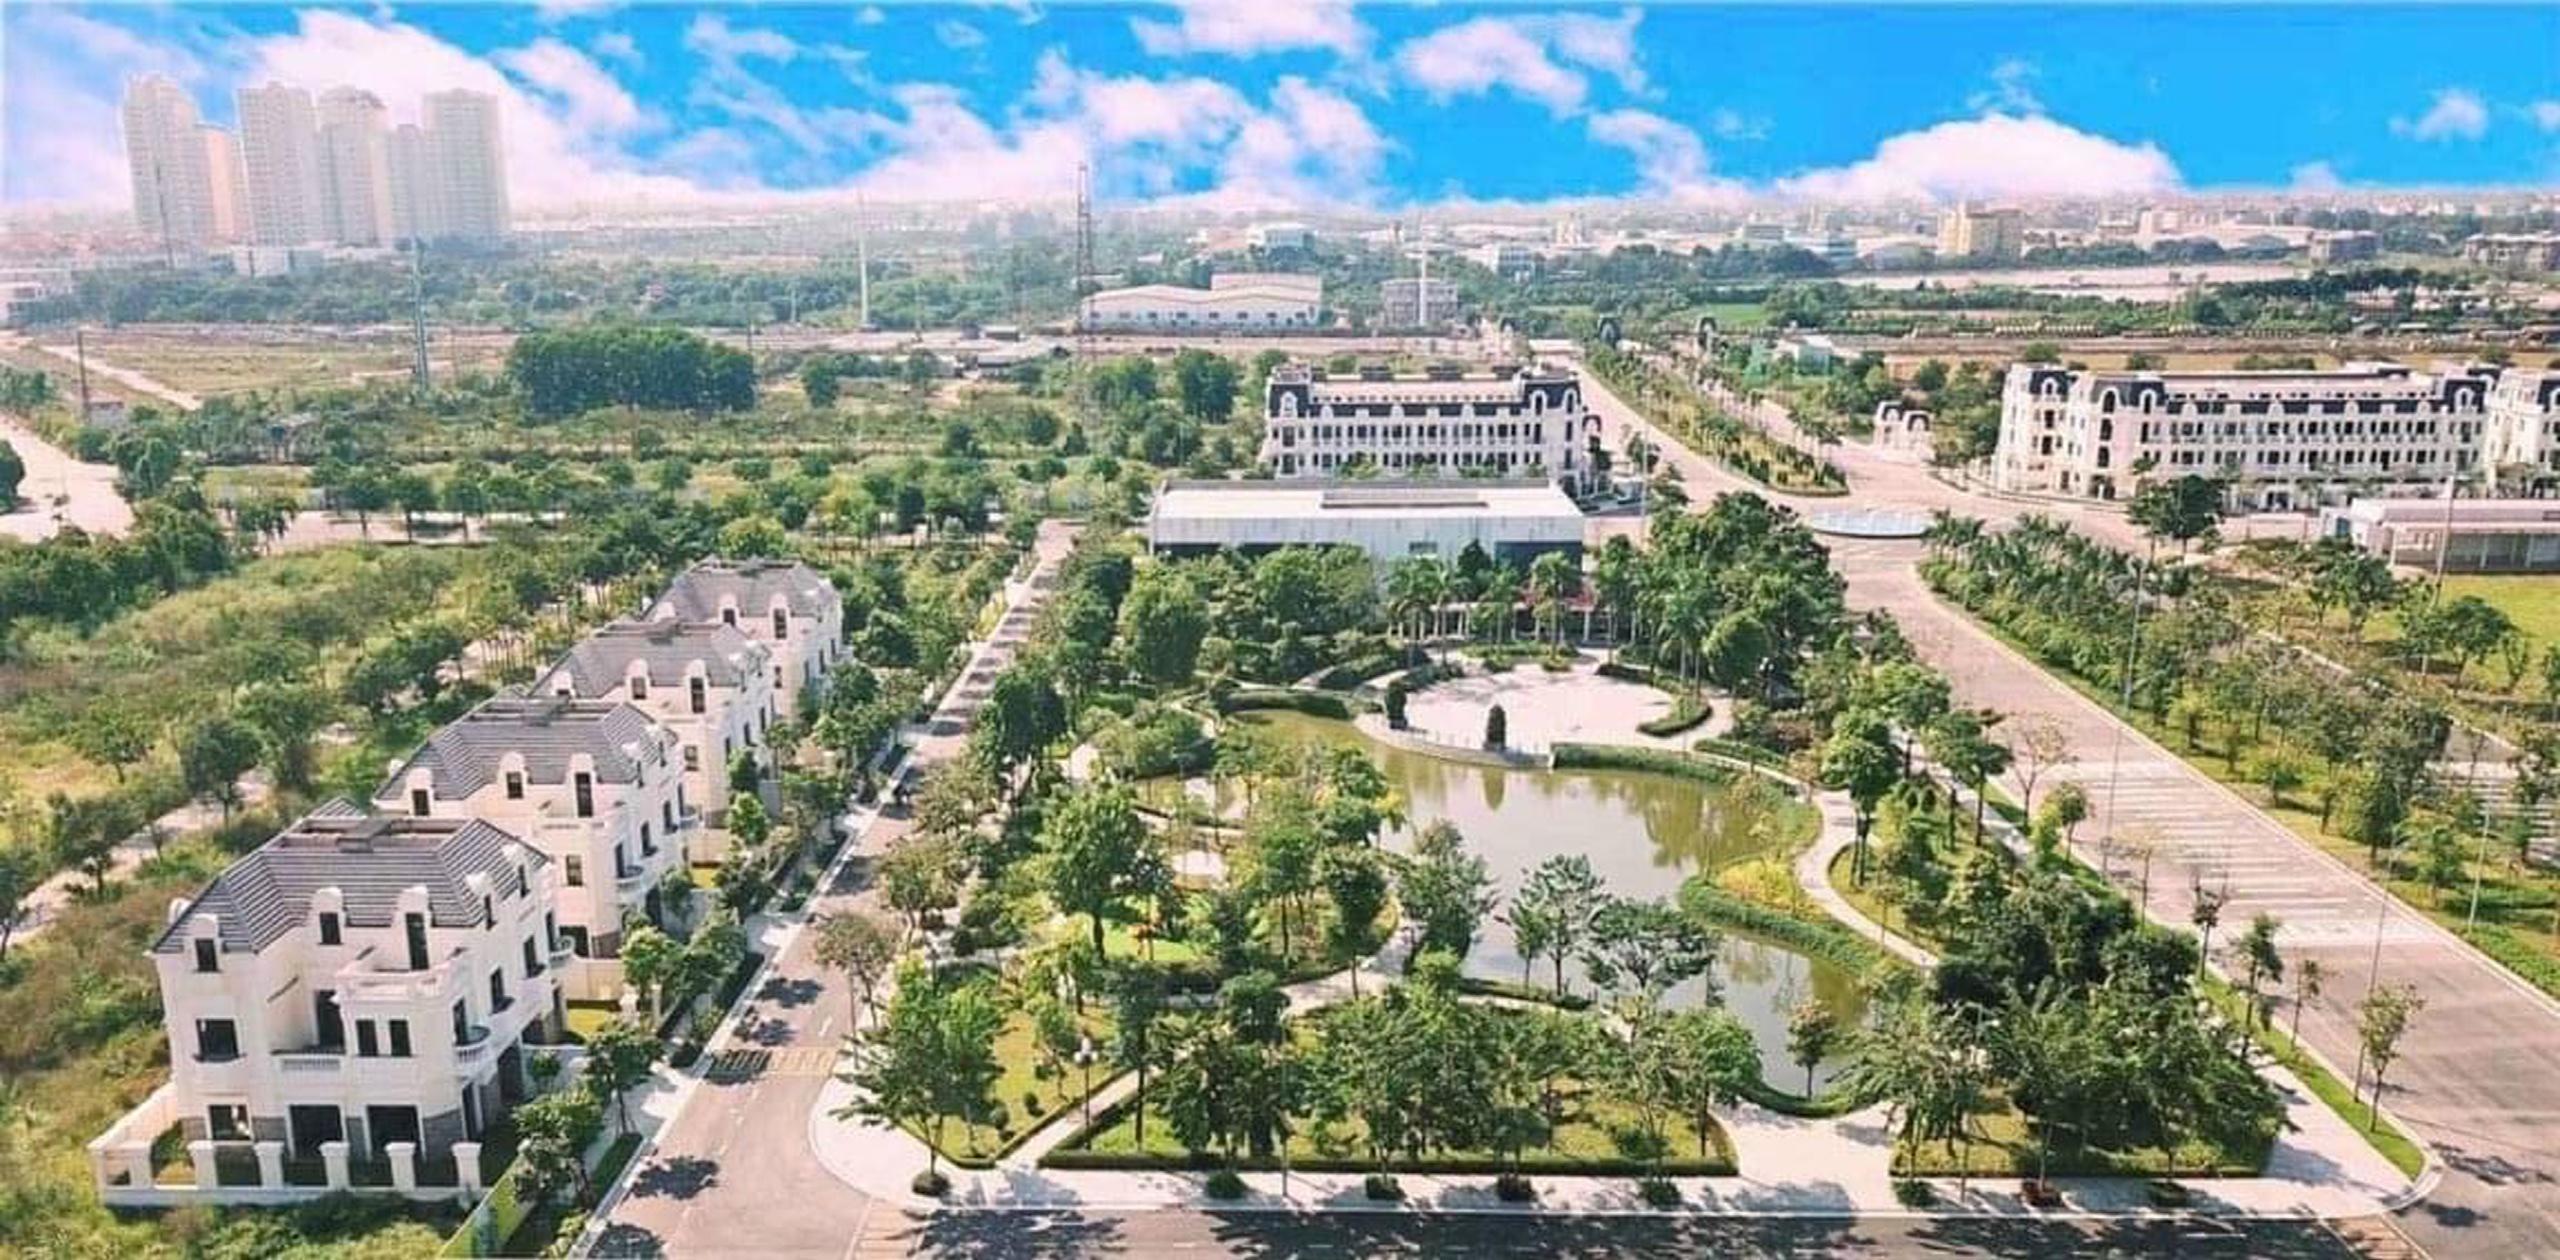 Khu đô thị An Lạc Green Symphony - Thực Tế Dự Án T12-2020 1Khu đô thị An Lạc Green Symphony - Thực Tế Dự Án T12-2020 1